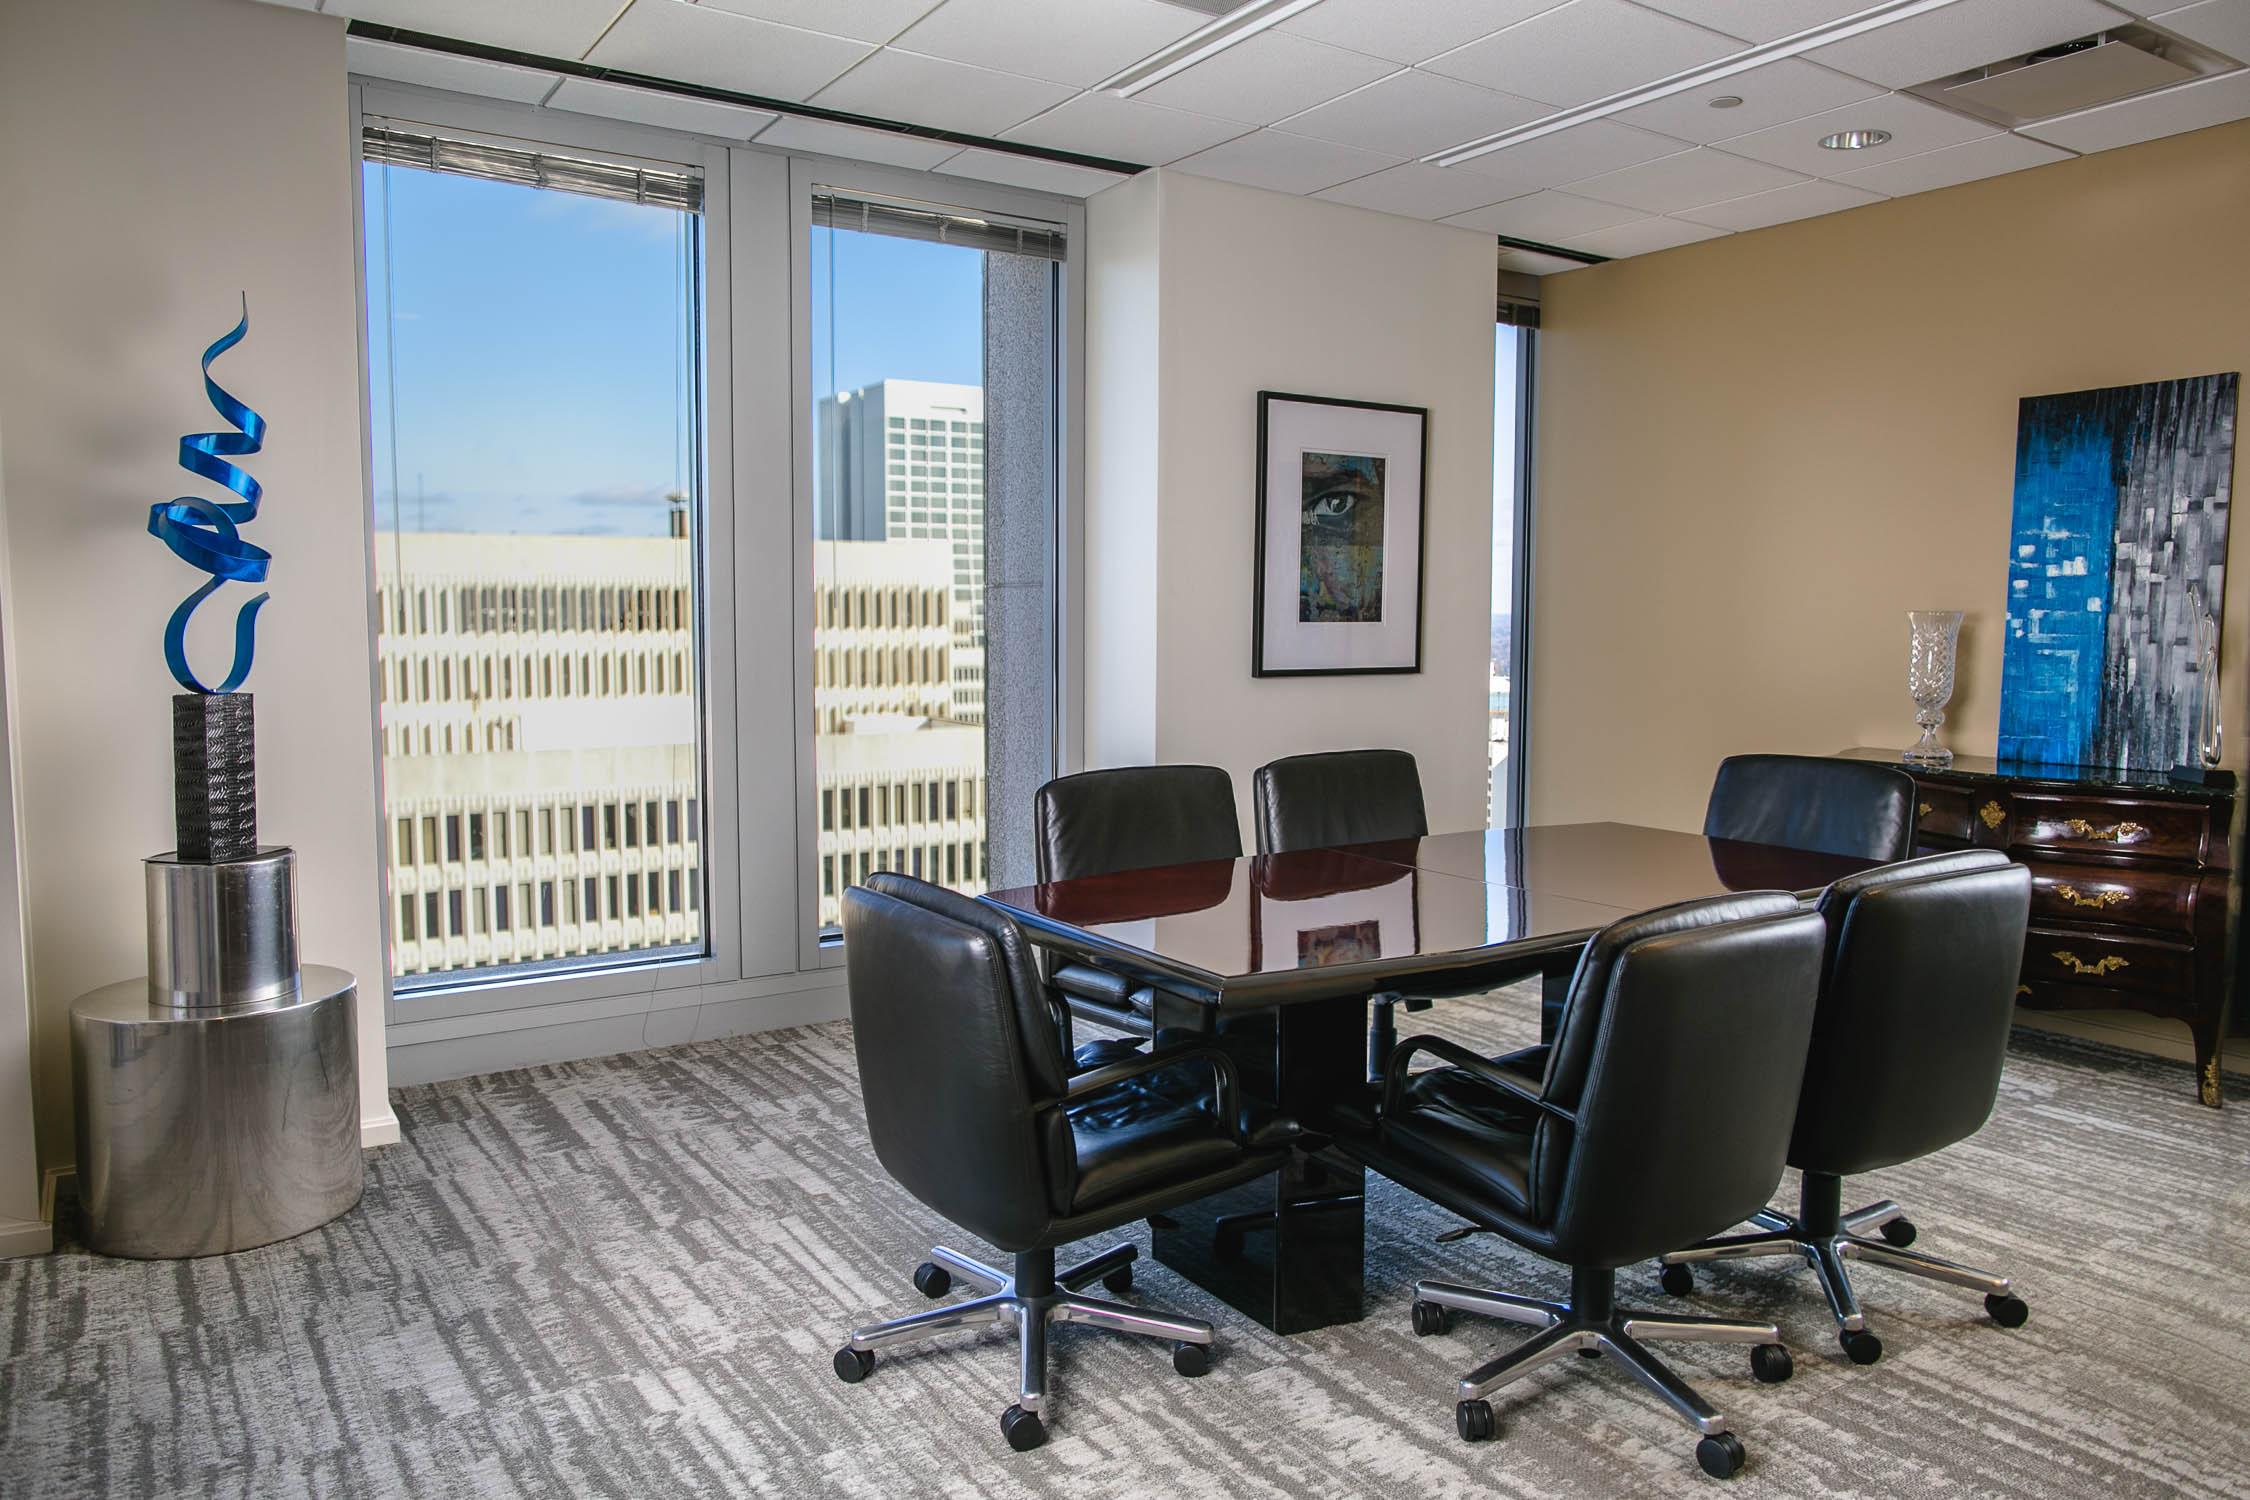 Attorney-Office-Conference-Room-Atlanta-Erik-Meadows